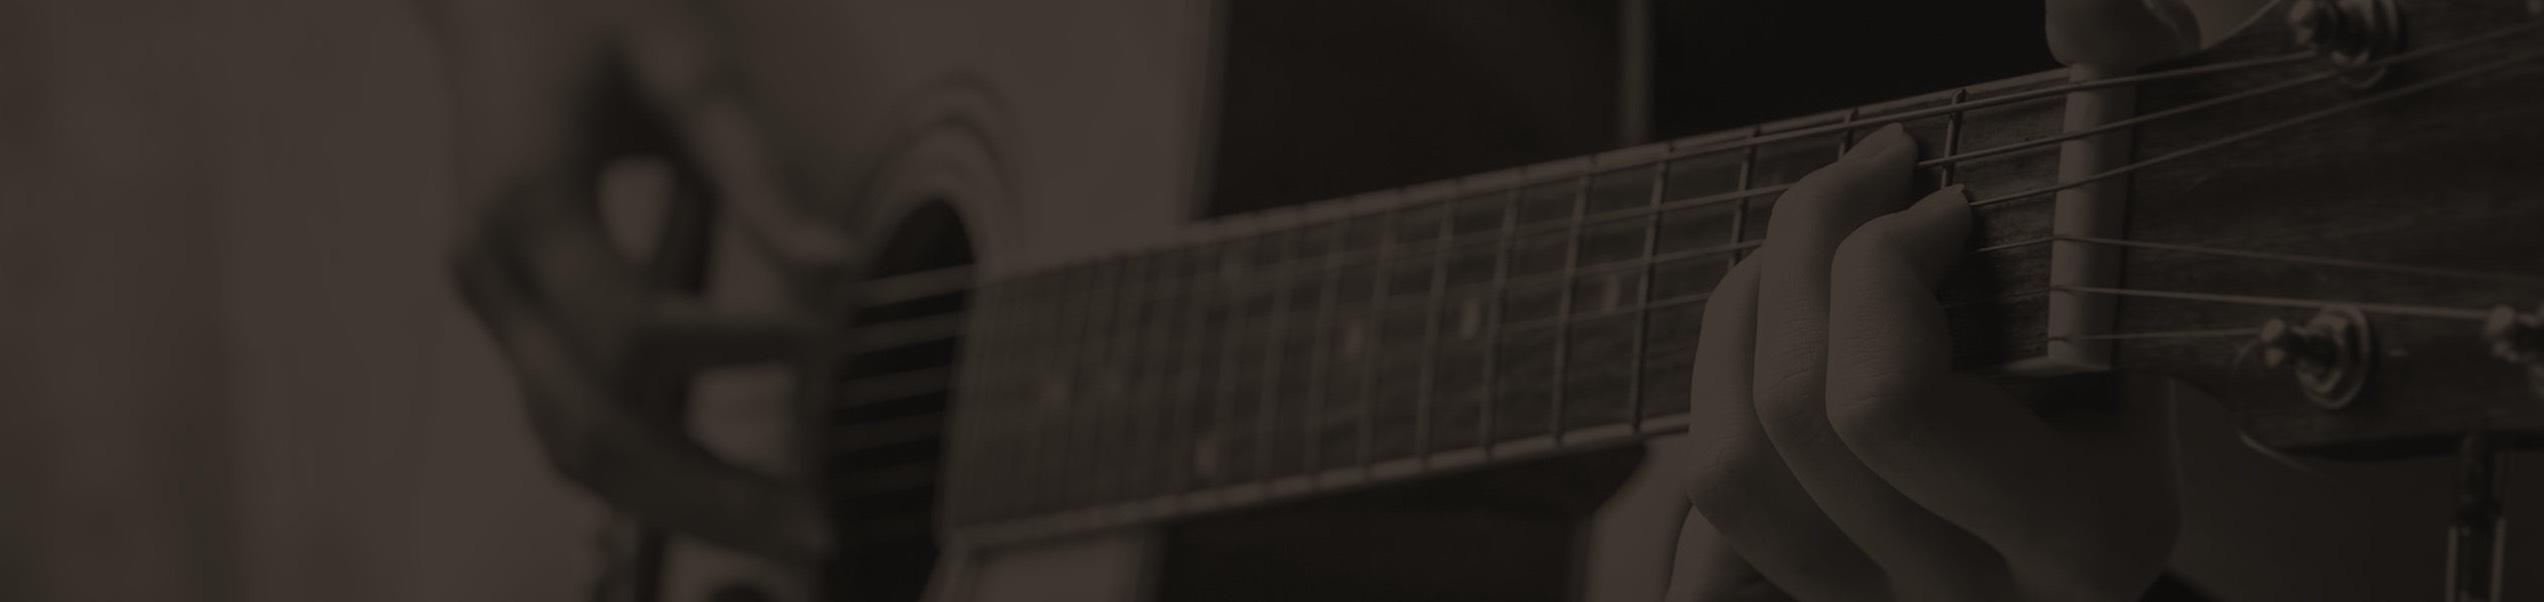 Emer Dunne Singer